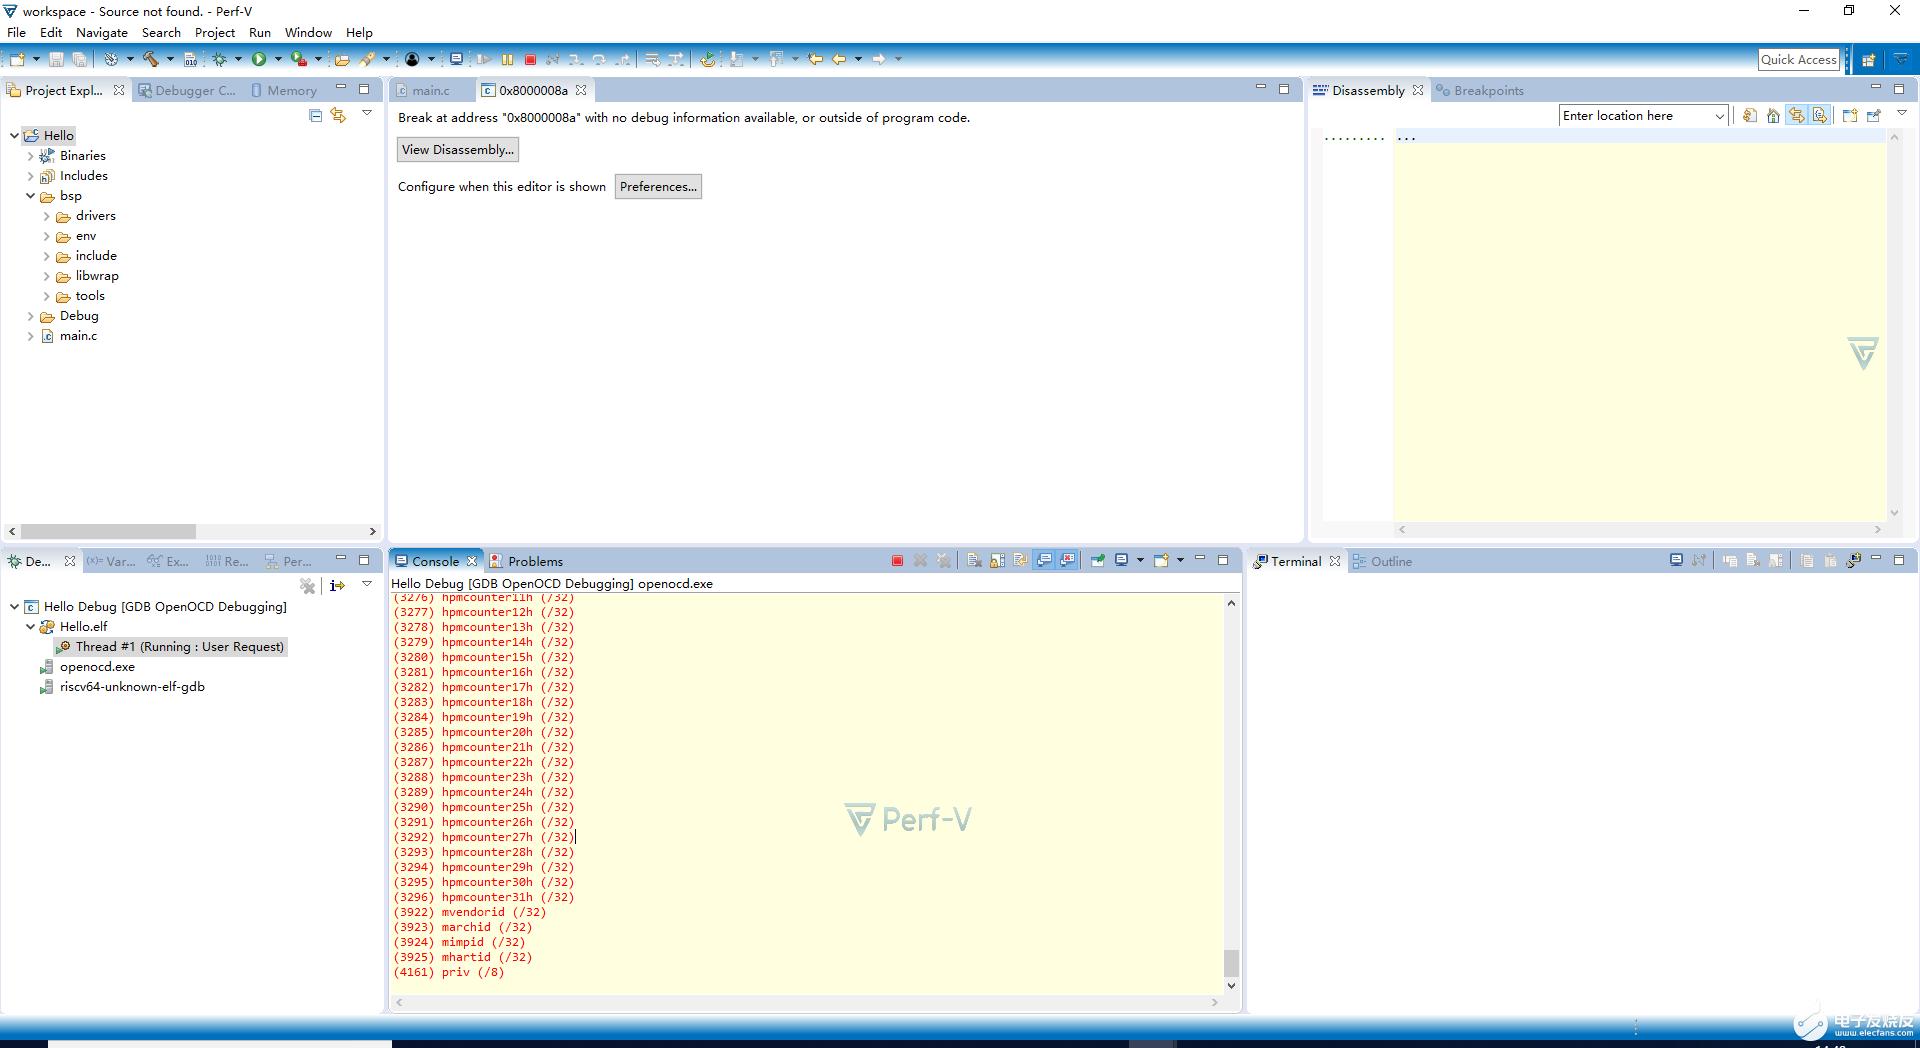 【RISC-V】Lab3:Windows环境下使用Perf-V IDE